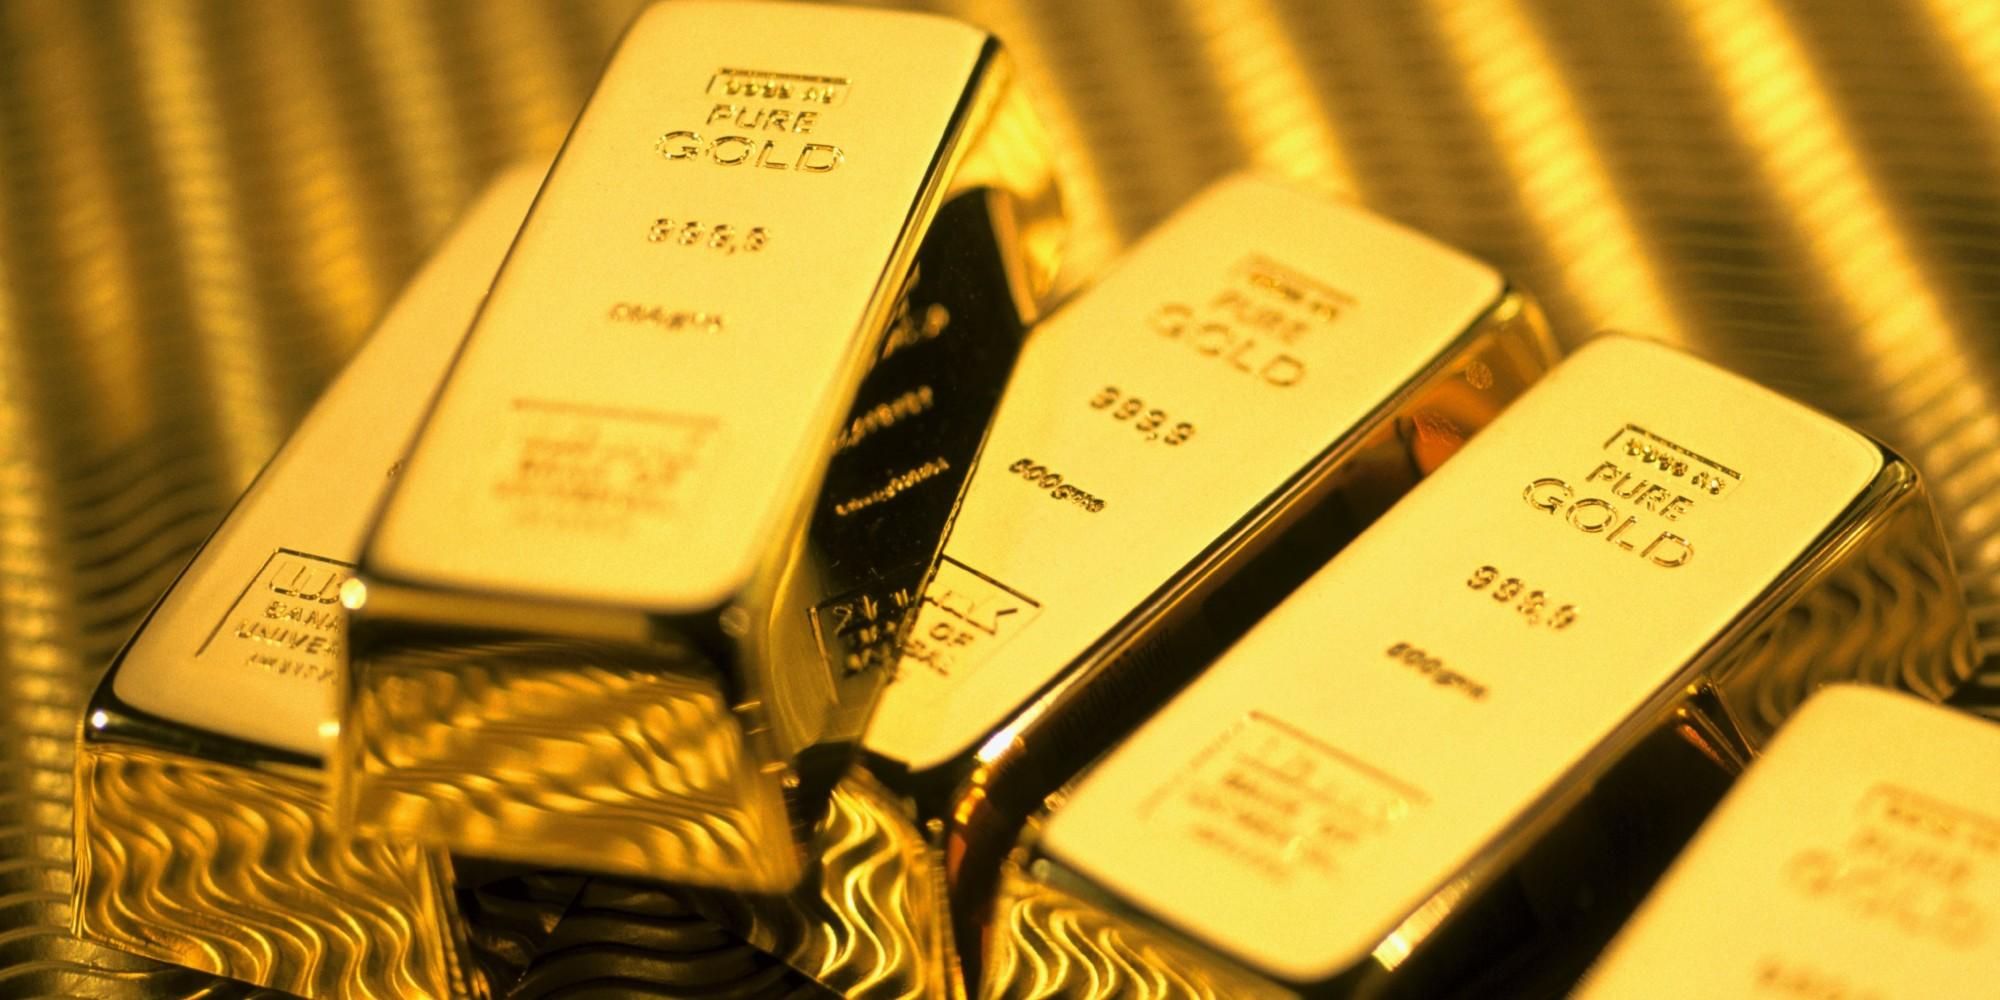 giá vàng hôm nay có dấu hiệu giảm nhẹ trong phiên giao dịch đầu tháng